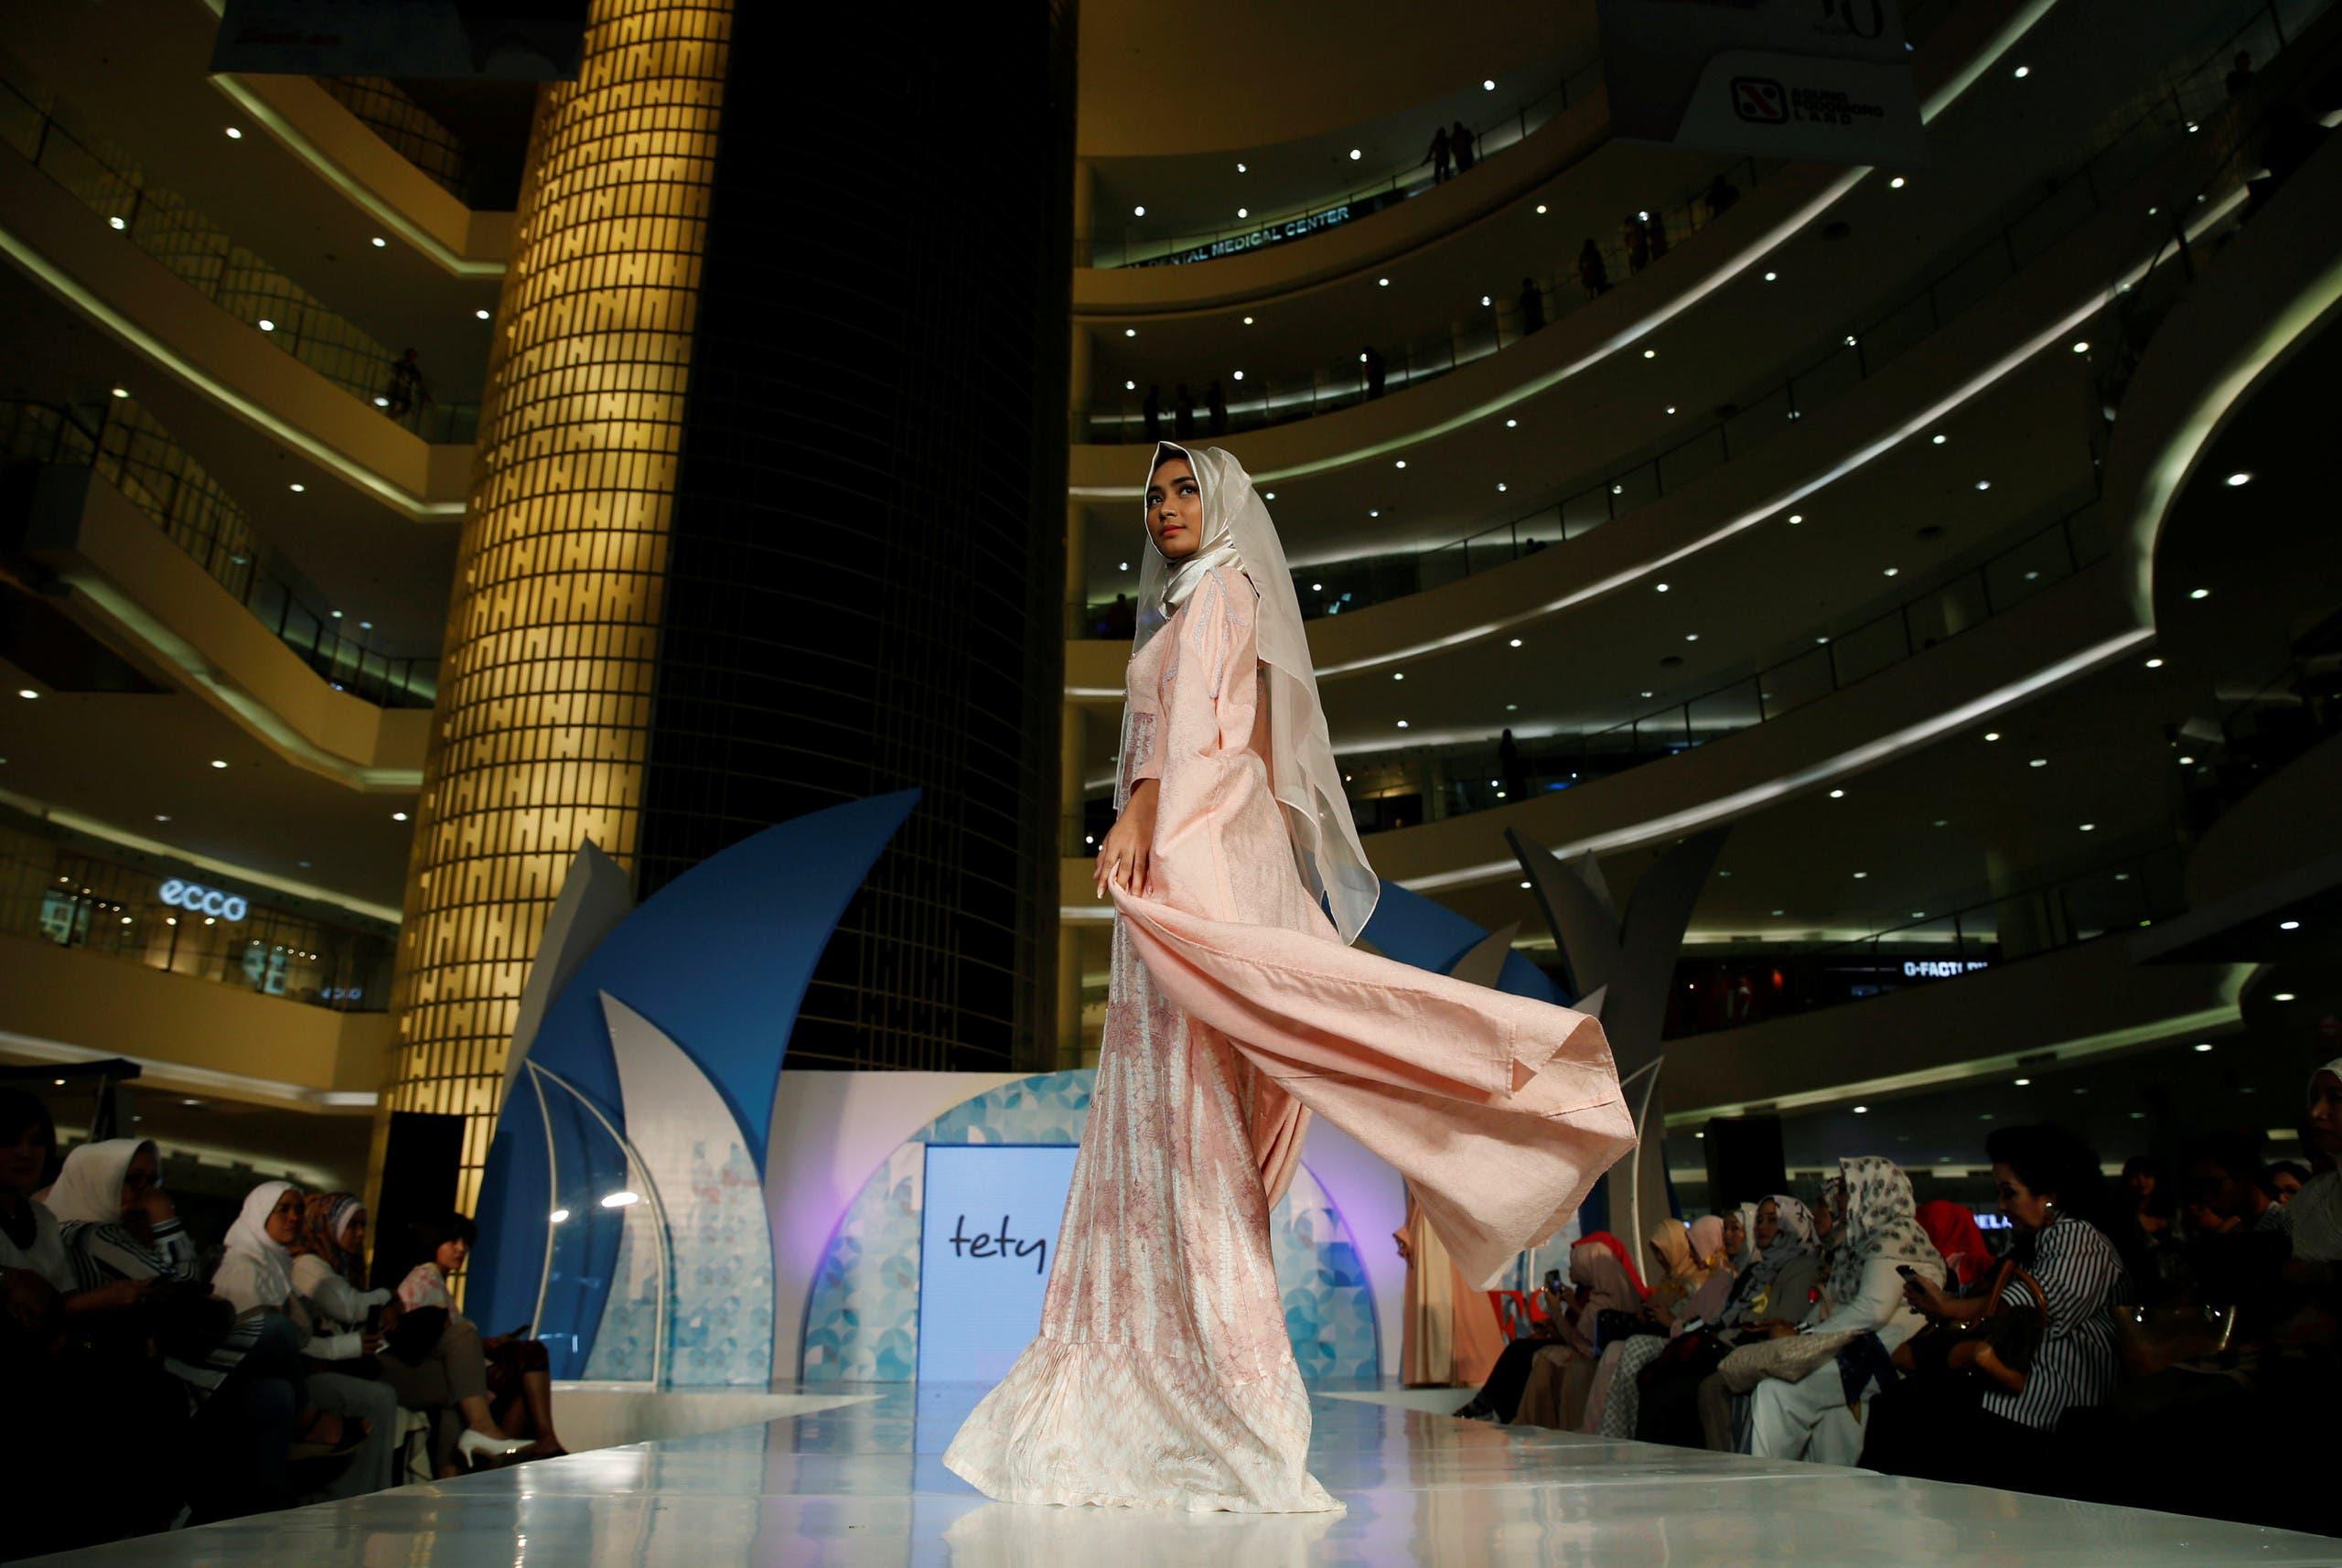 a8e554c6adc21 ... عاصمة لأزياء المحجبات بحلول العام 2019، في الوقت الذي تعتبر فيه  إندونيسيا حاليا خامس أكبر سوق لأزياء المحجبات، بعد تركيا والإمارات ونيجيريا  والسعودية.